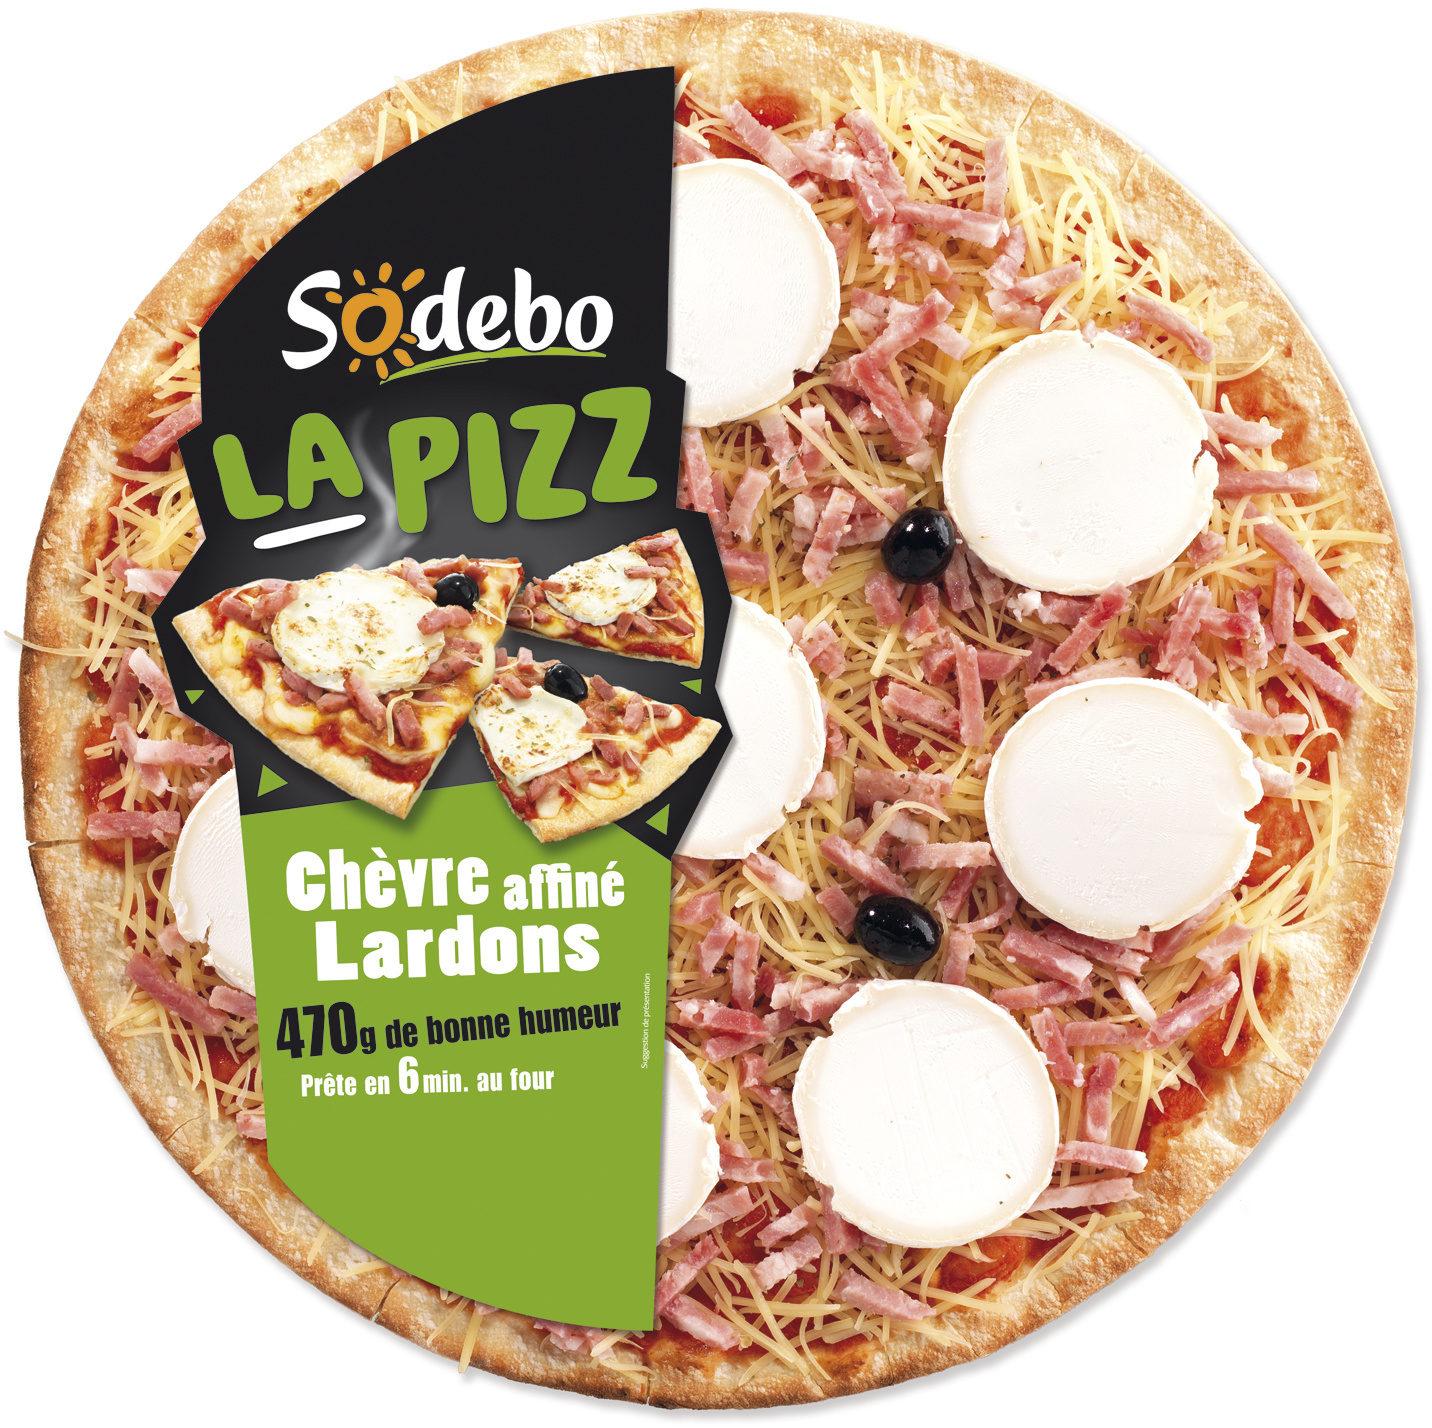 La Pizz - Chèvre affiné Lardons - Product